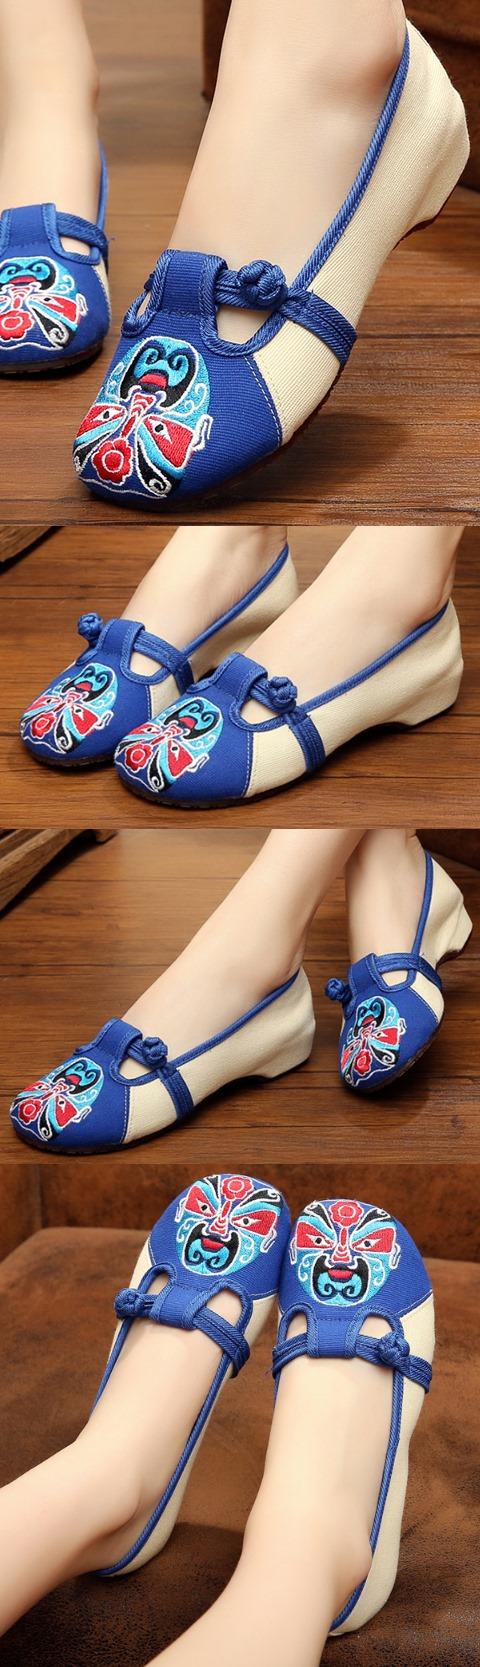 低跟京劇面譜繡花鞋(藍色)